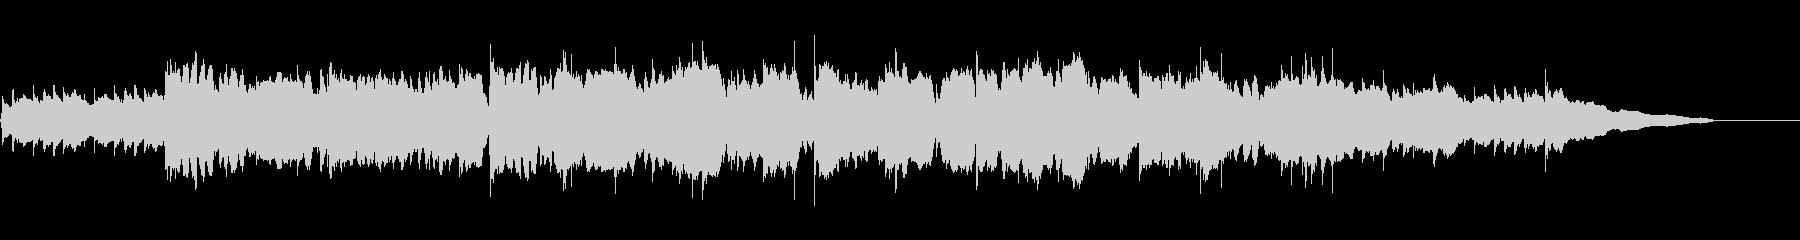 フルートメインのどかな日常系BGMの未再生の波形